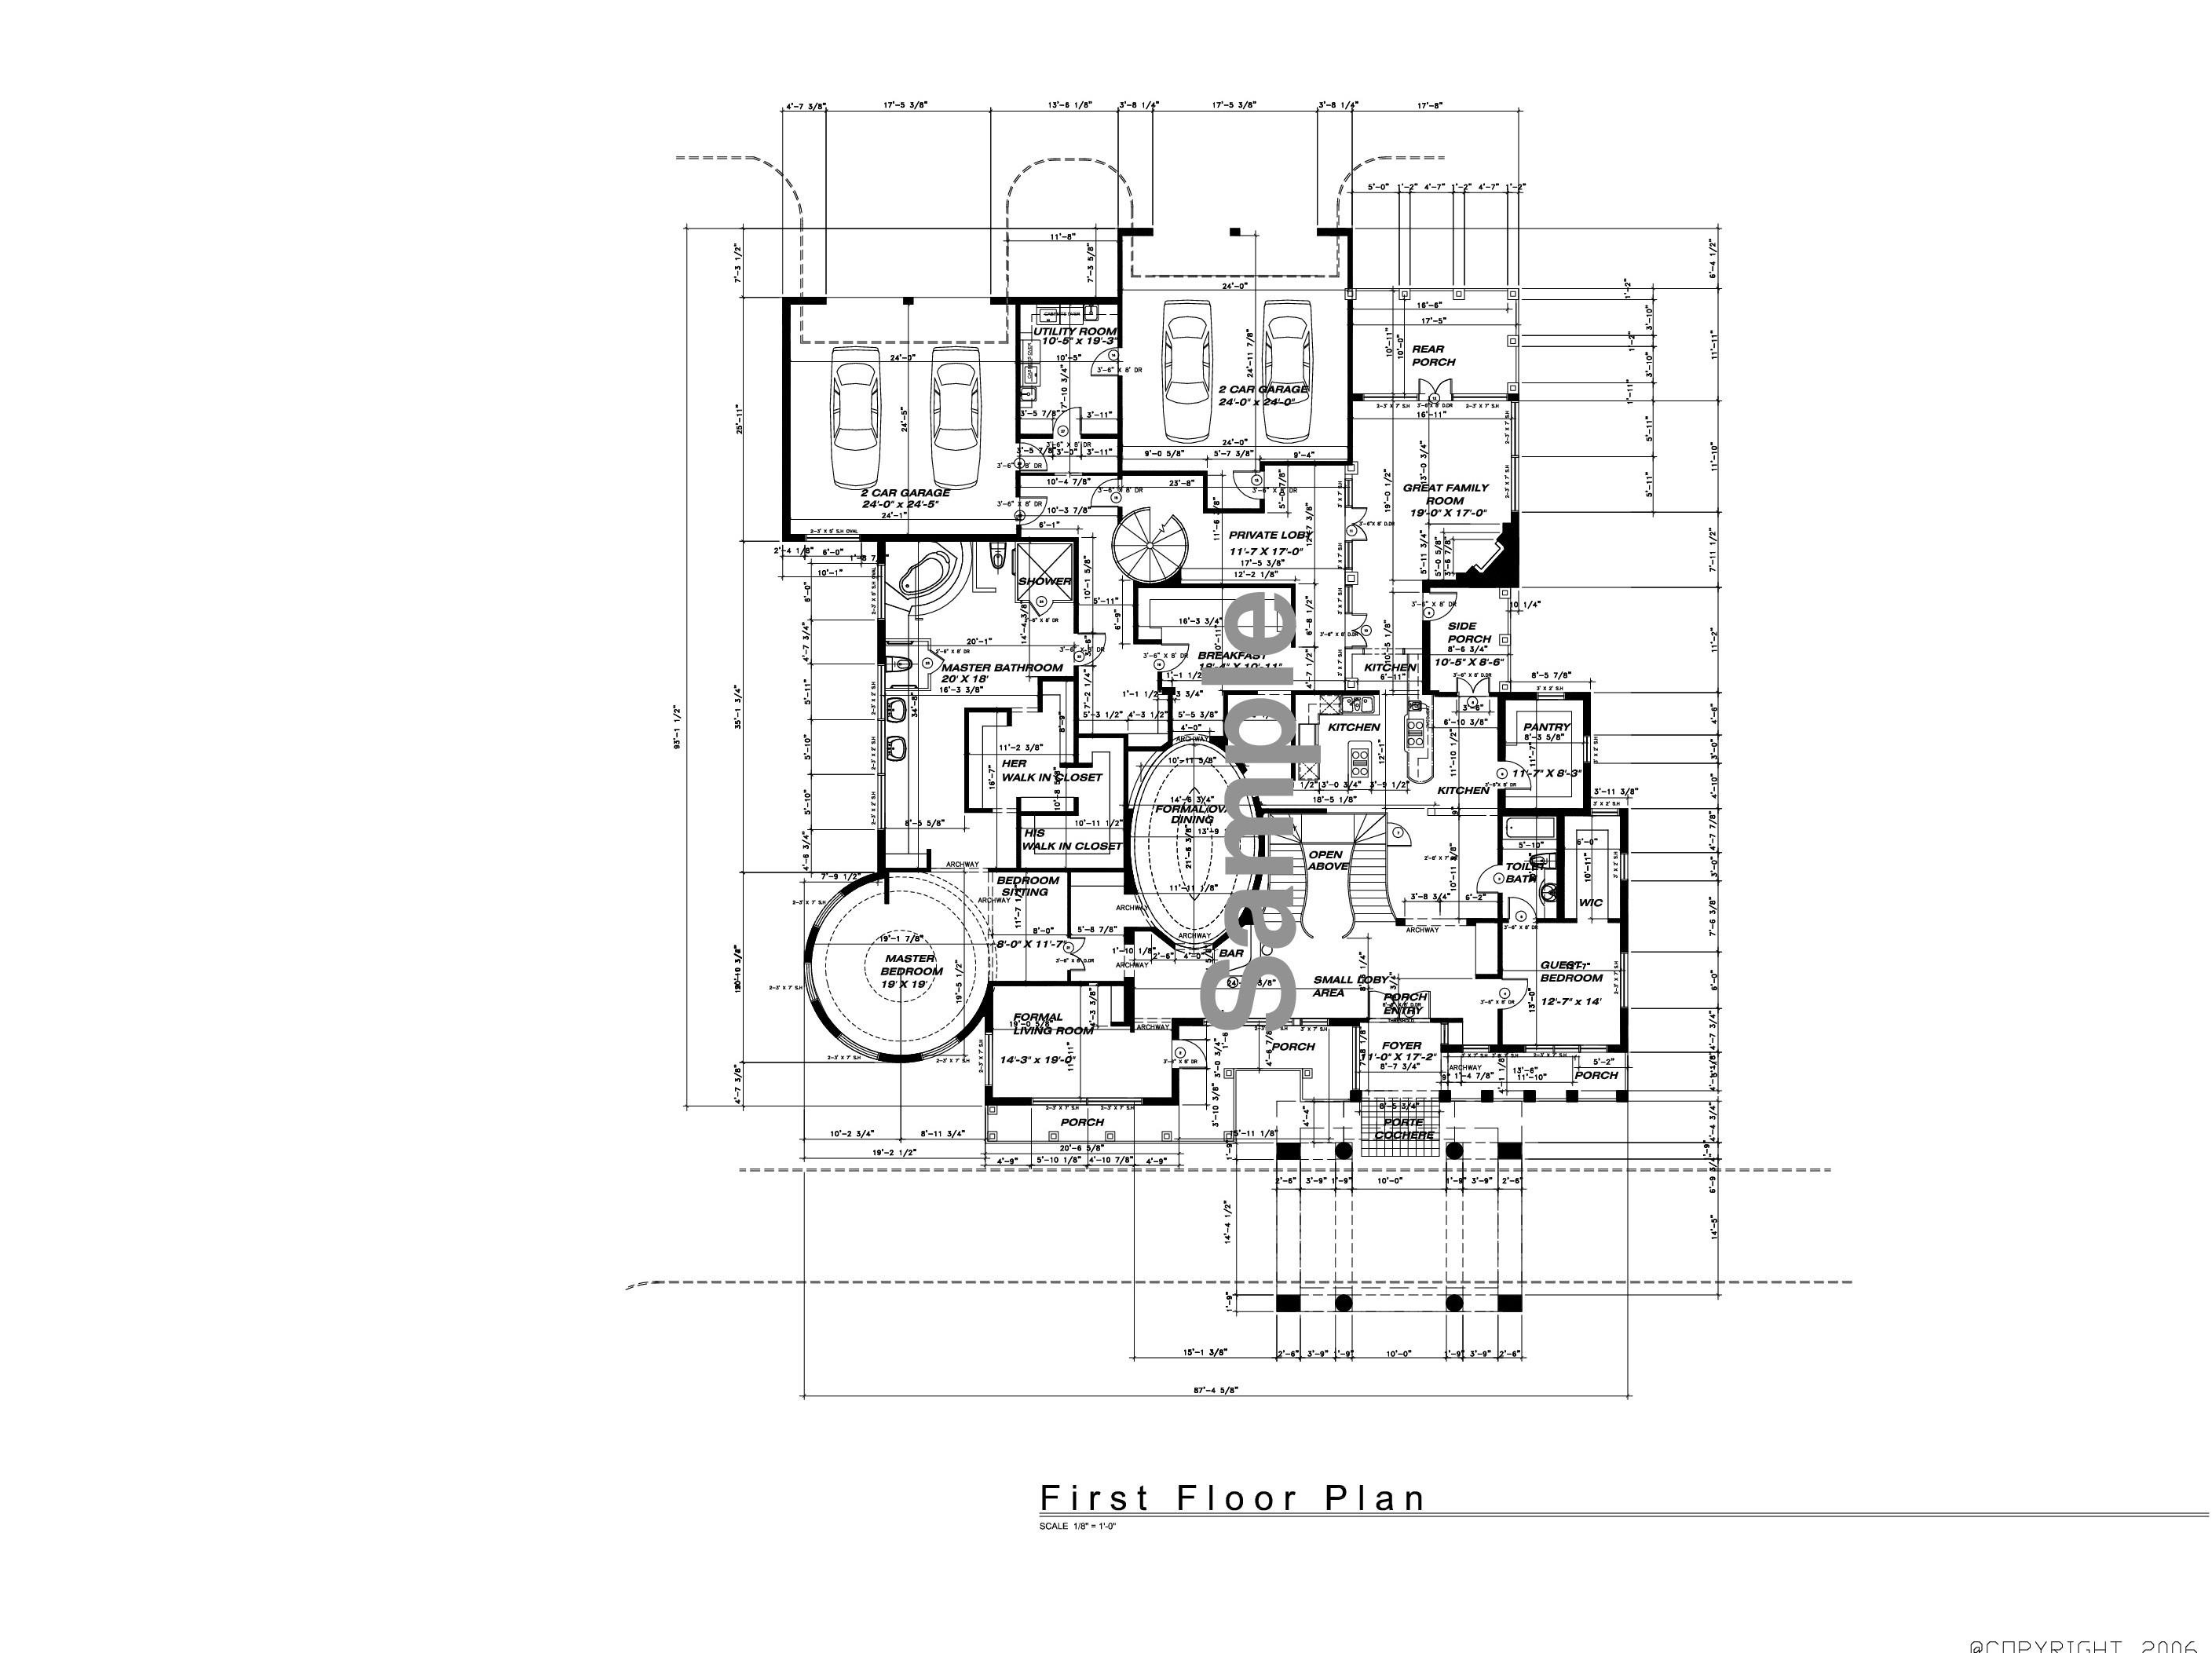 Properties : Dorset Chateau